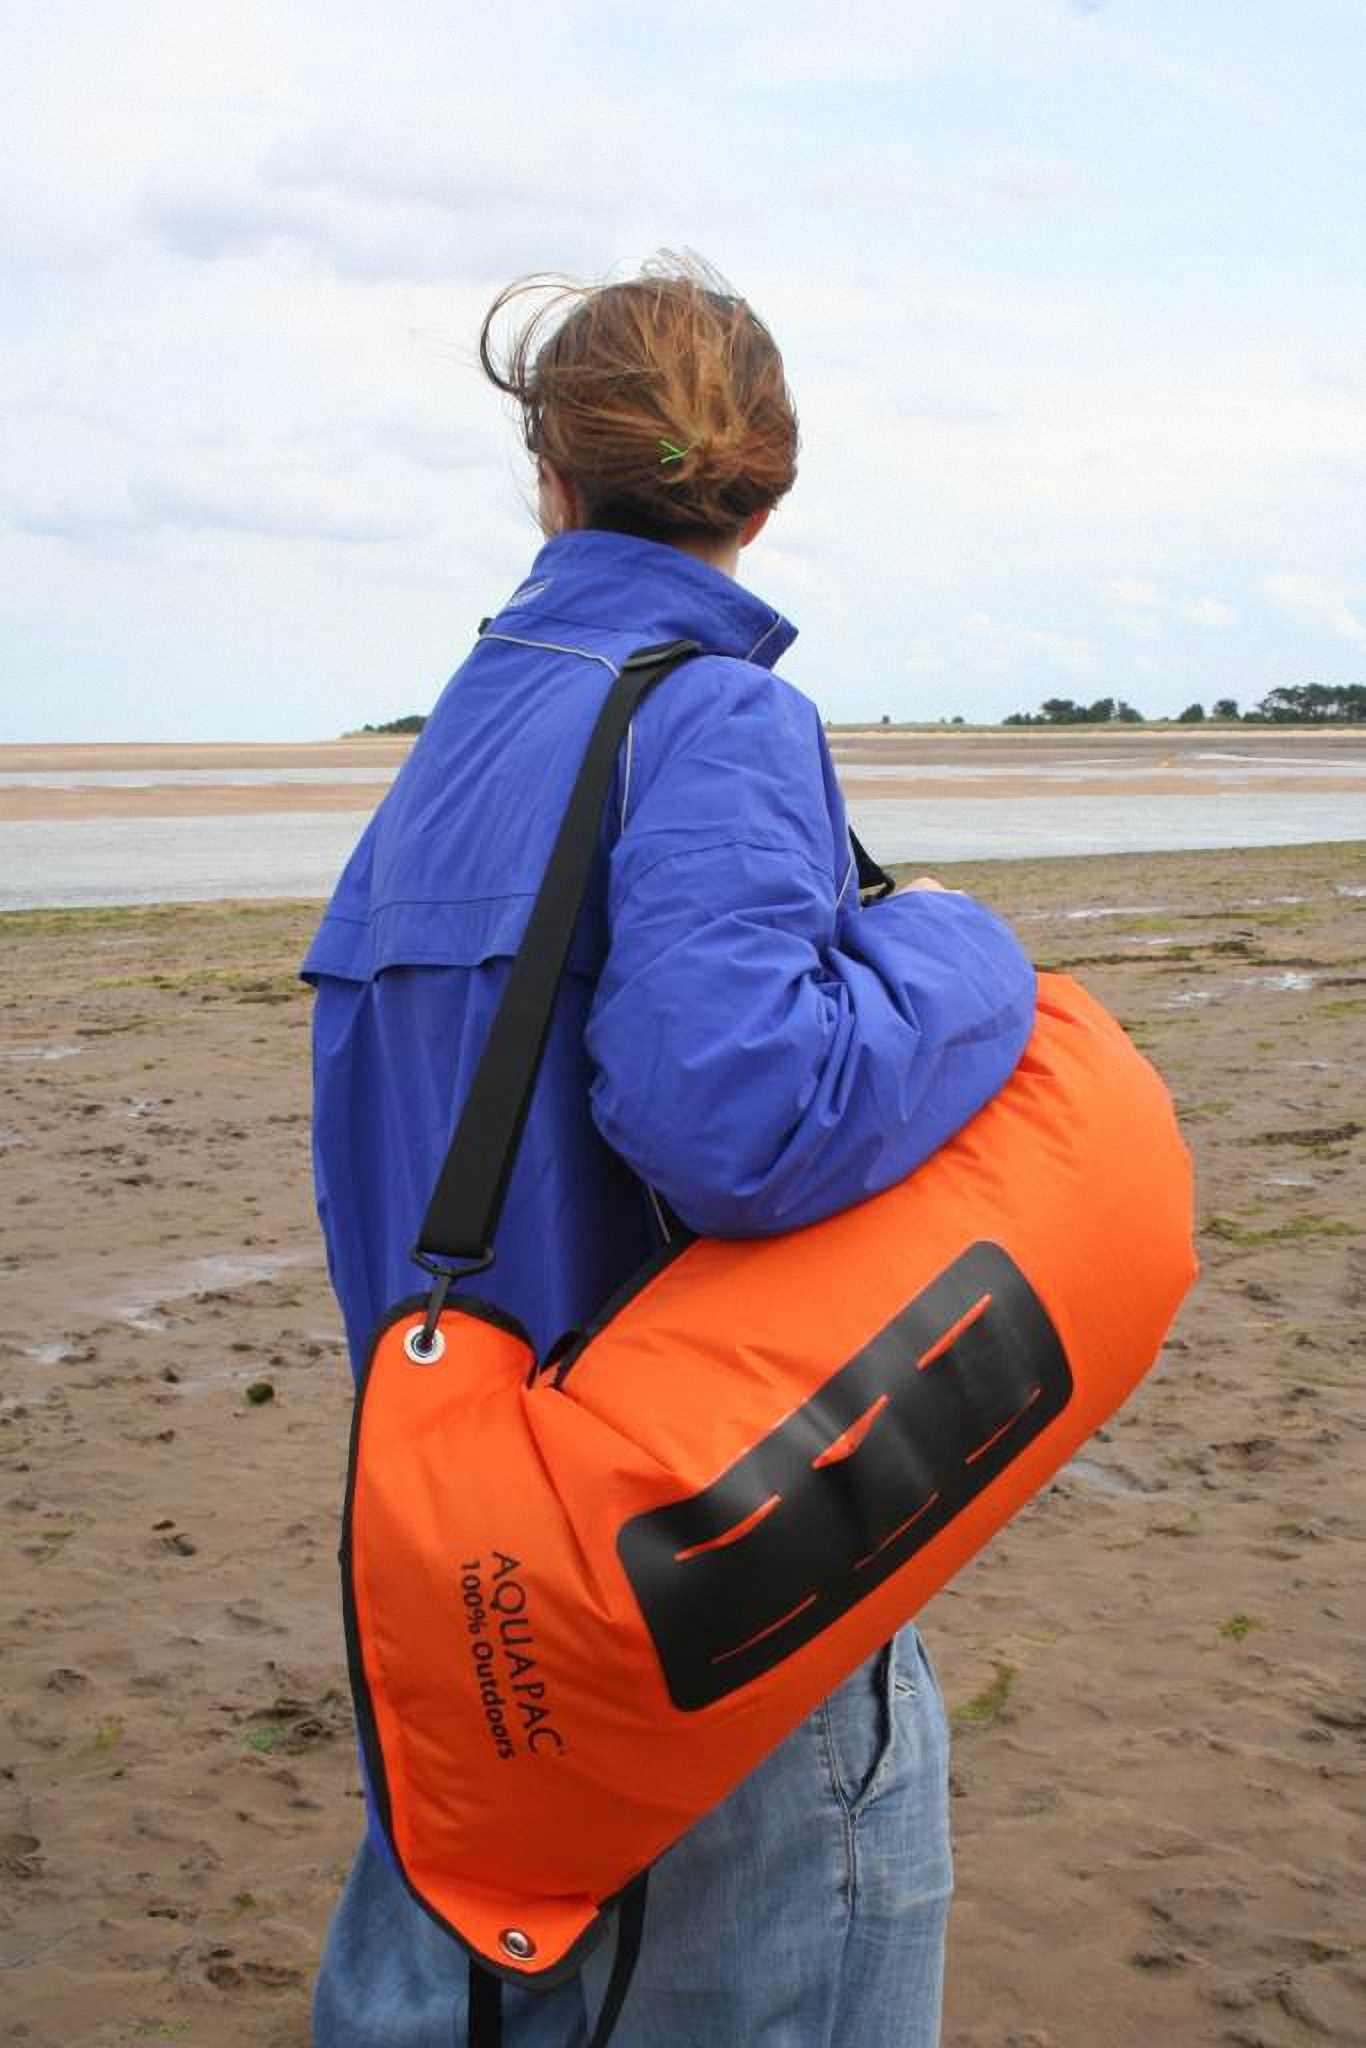 Водонепроницаемый  гермомешок-рюкзак (с двумя плечевыми ремнями) Aquapac 761 - Noatak Wet & Drybag - 15L.. Aquapac - №1 в мире водонепроницаемых чехлов и сумок. Фото 4